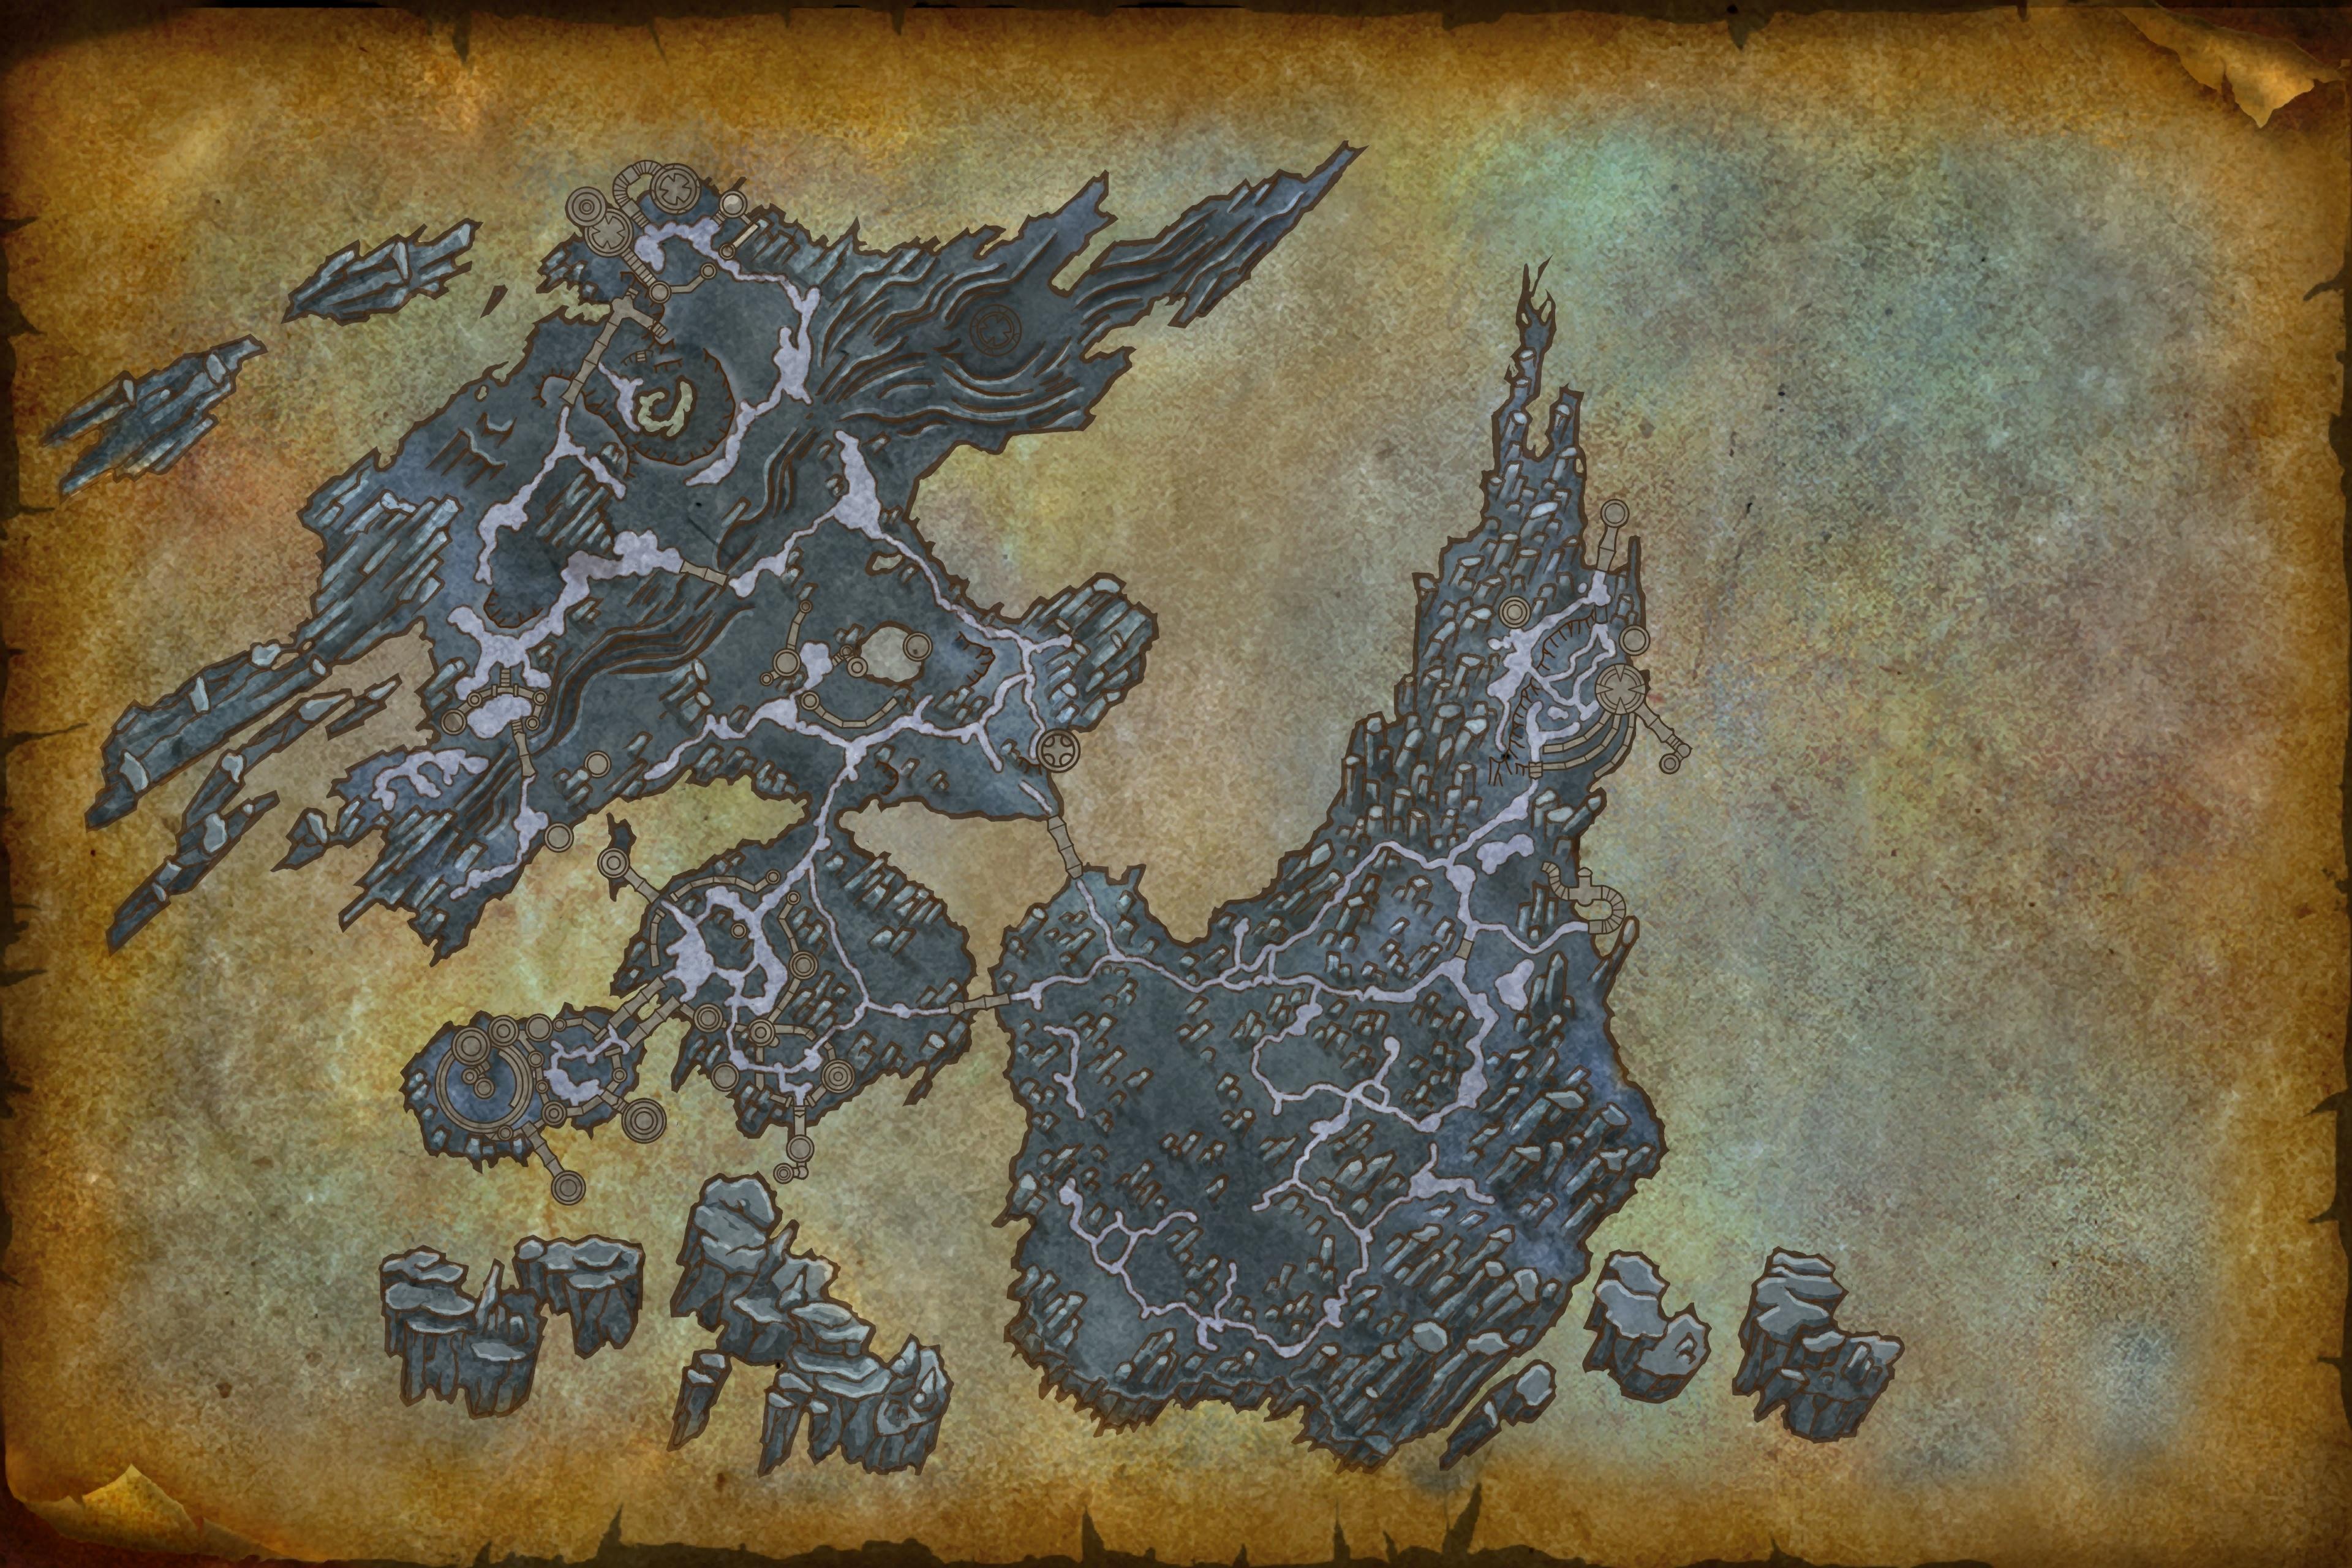 Мое погружение в преисподнюю — впечатления от беты WoW Shadowlands